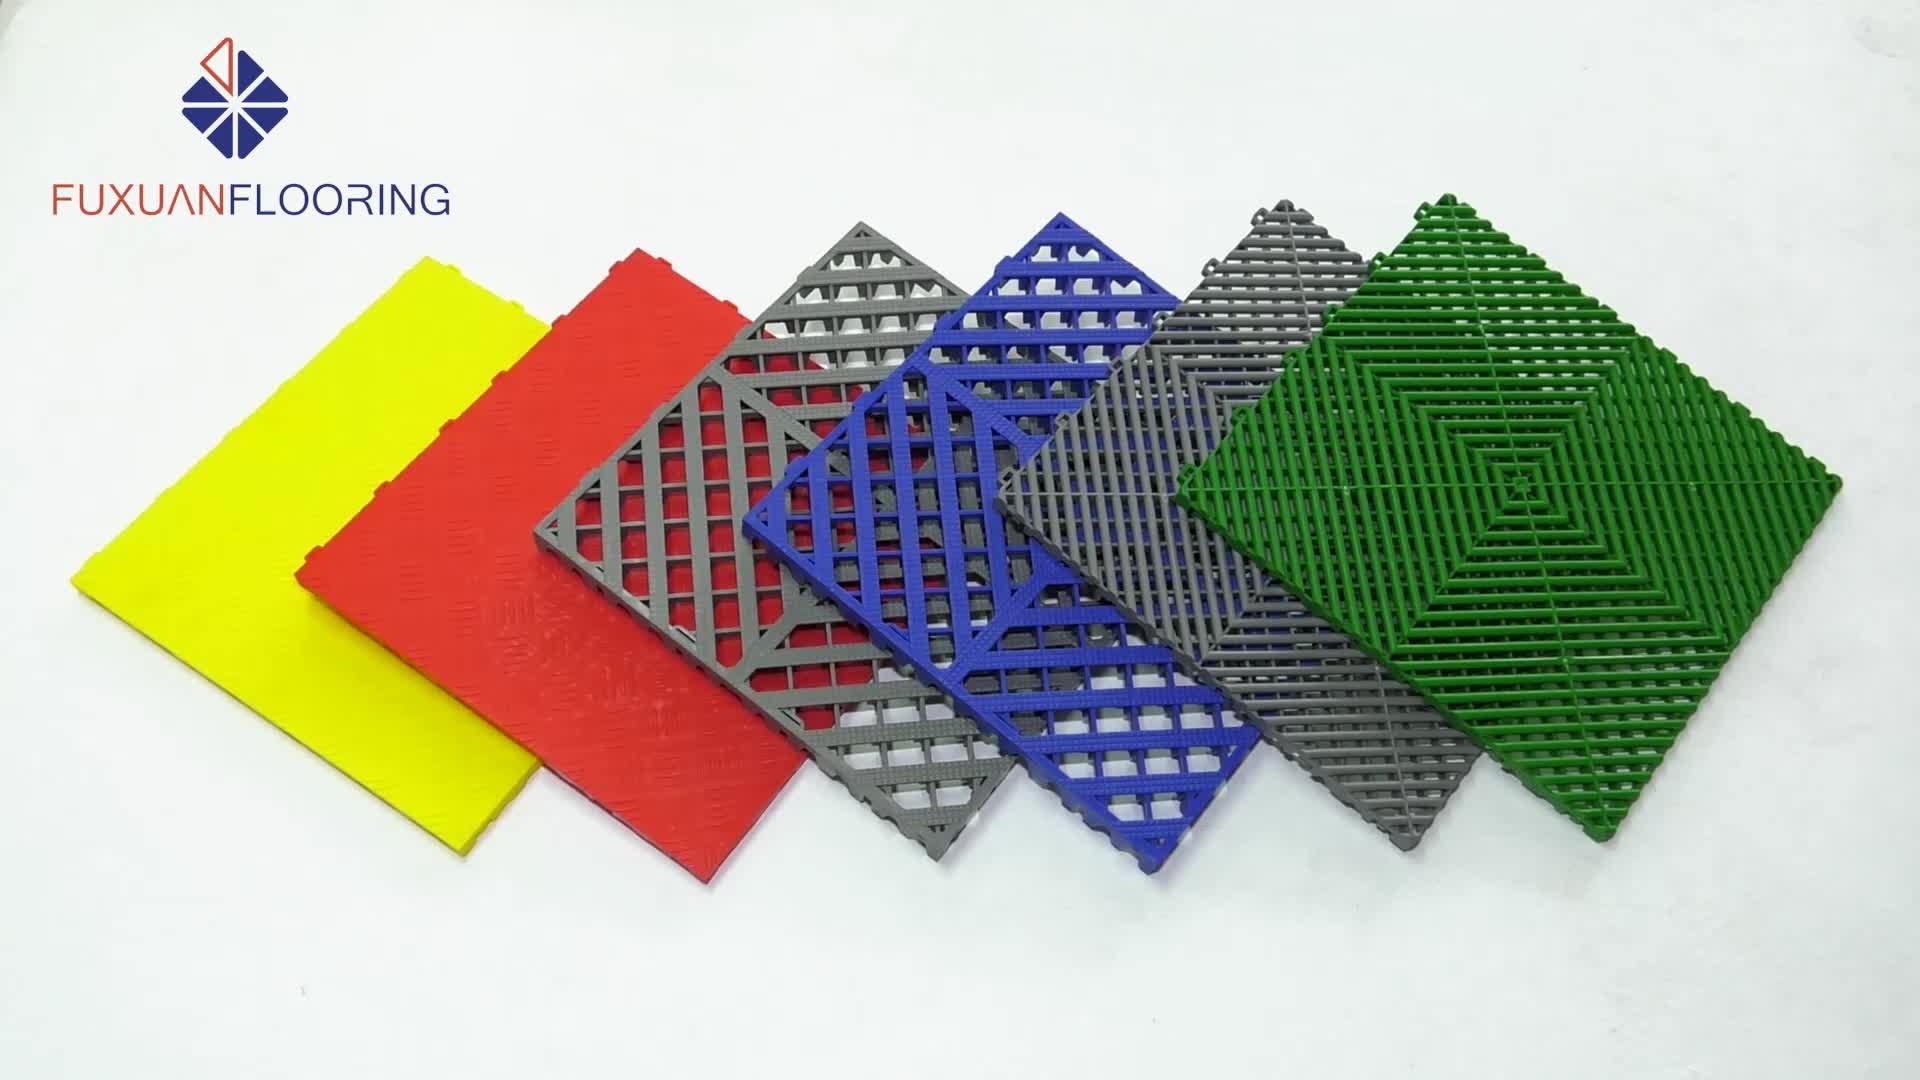 heavy duty Garage Floor Tiles Interlocking Plastic floor tiles for carparking/tradeshow